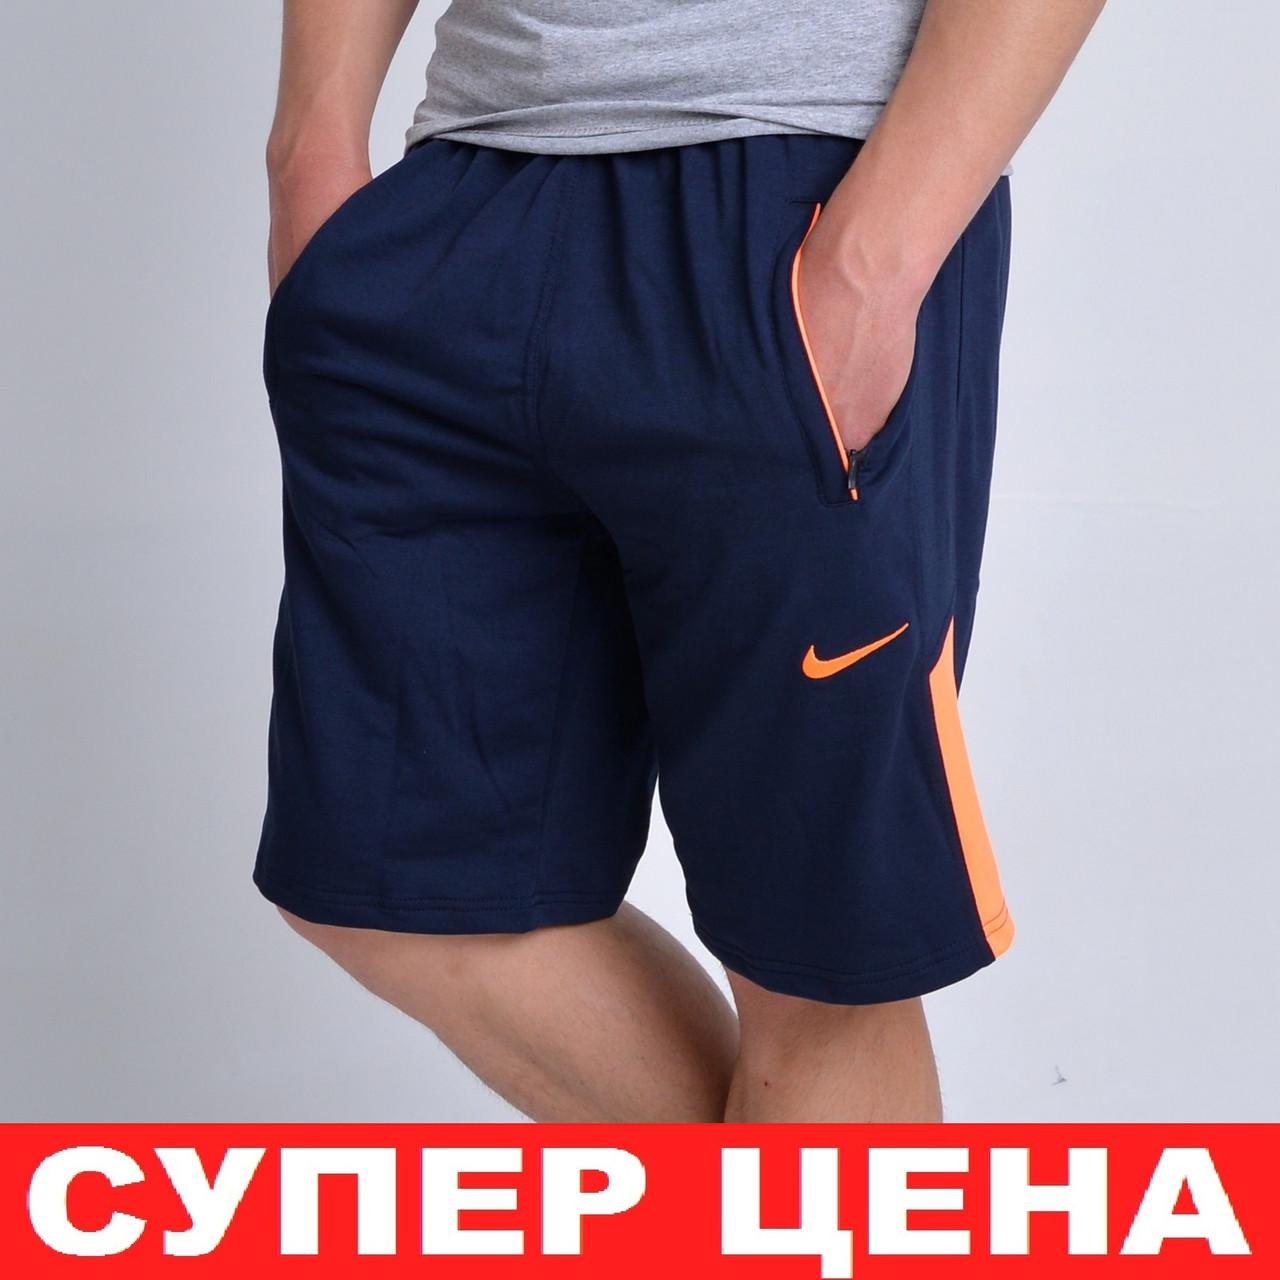 6ad0fc1e Остались размеры:52,54. Мужские спортивные шорты Nike (найк ...